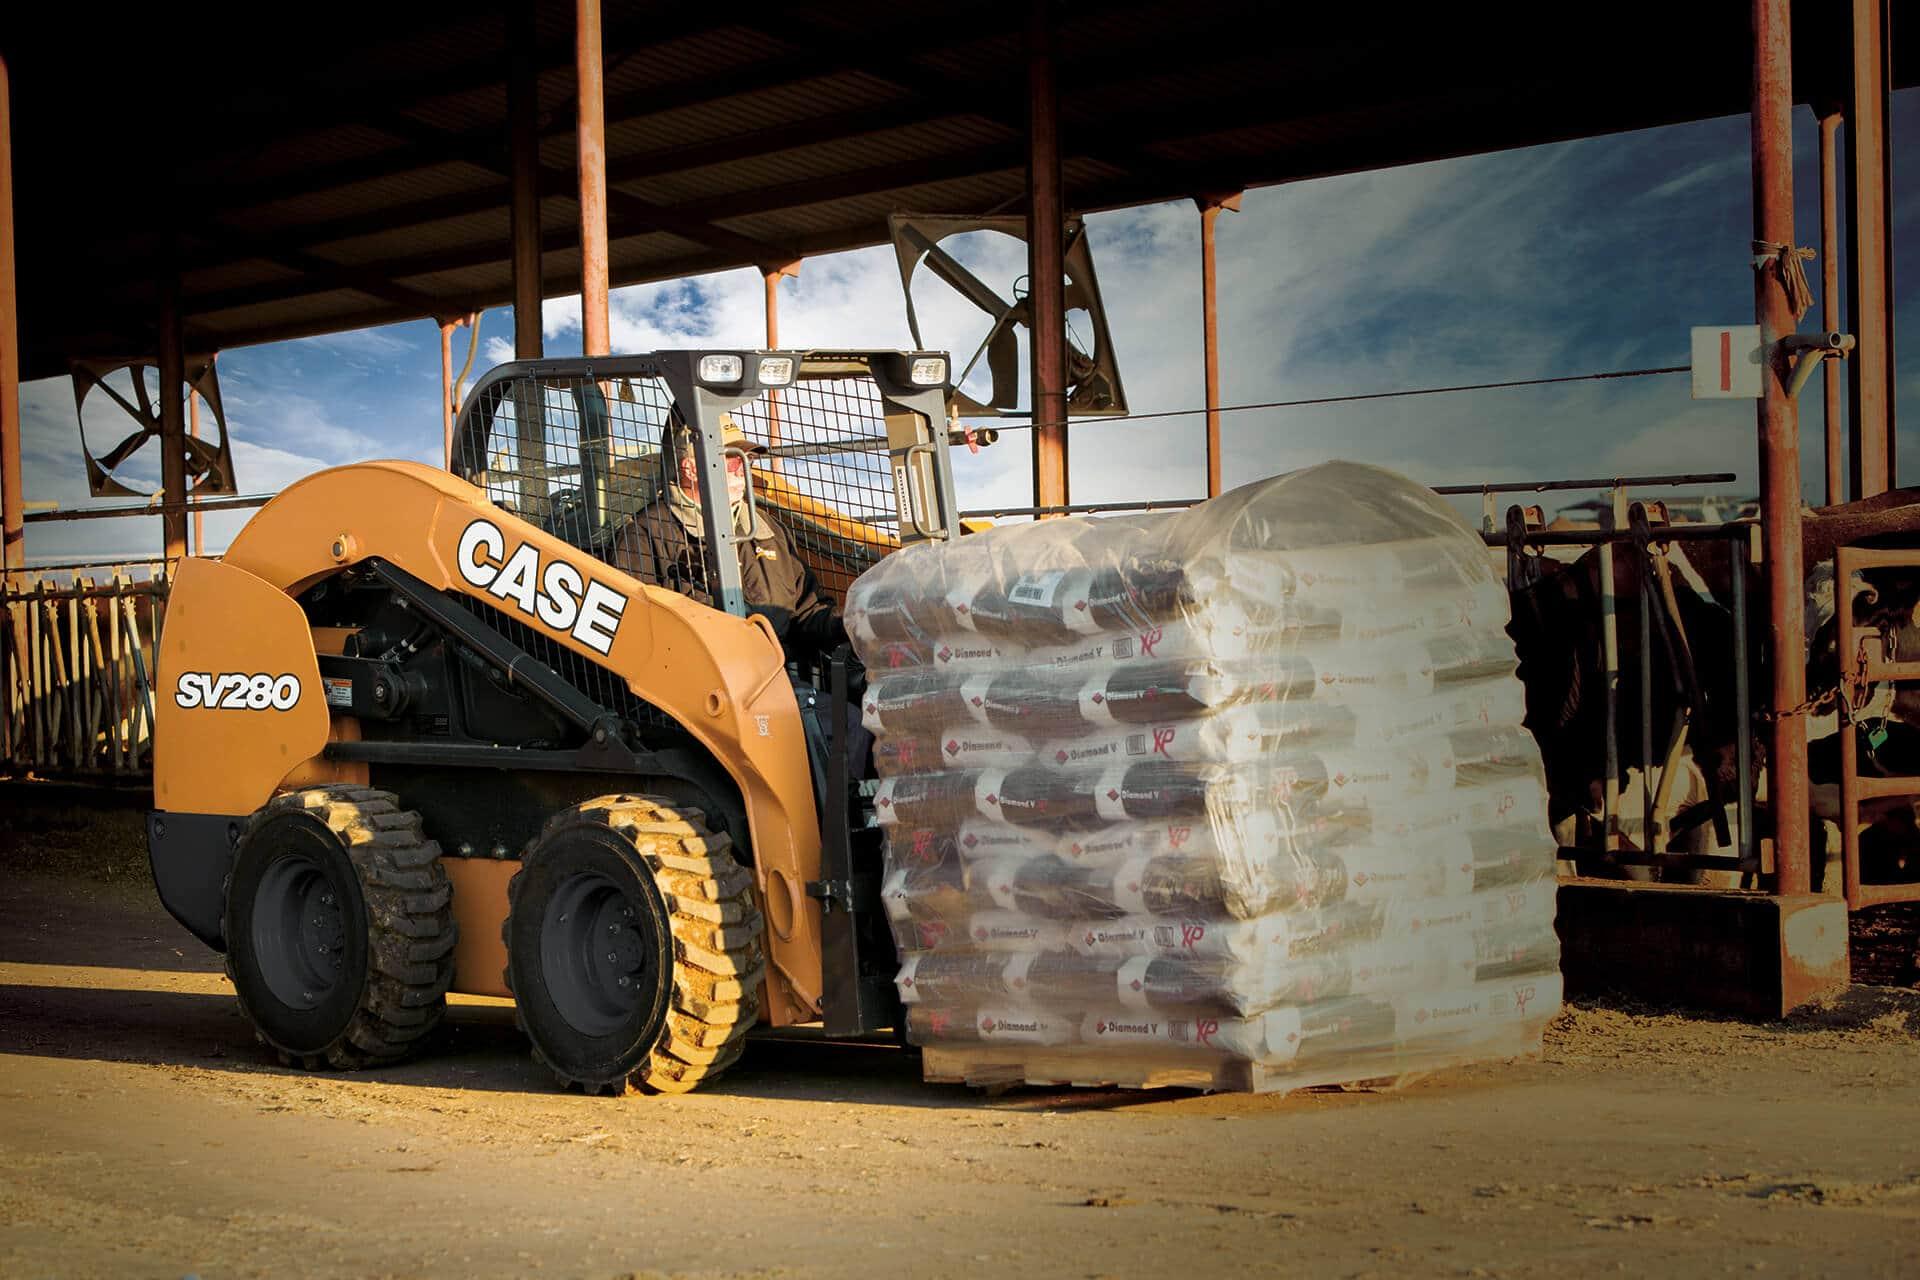 CASE SV280 Skid Steer Loader | CASE Construction Equipment